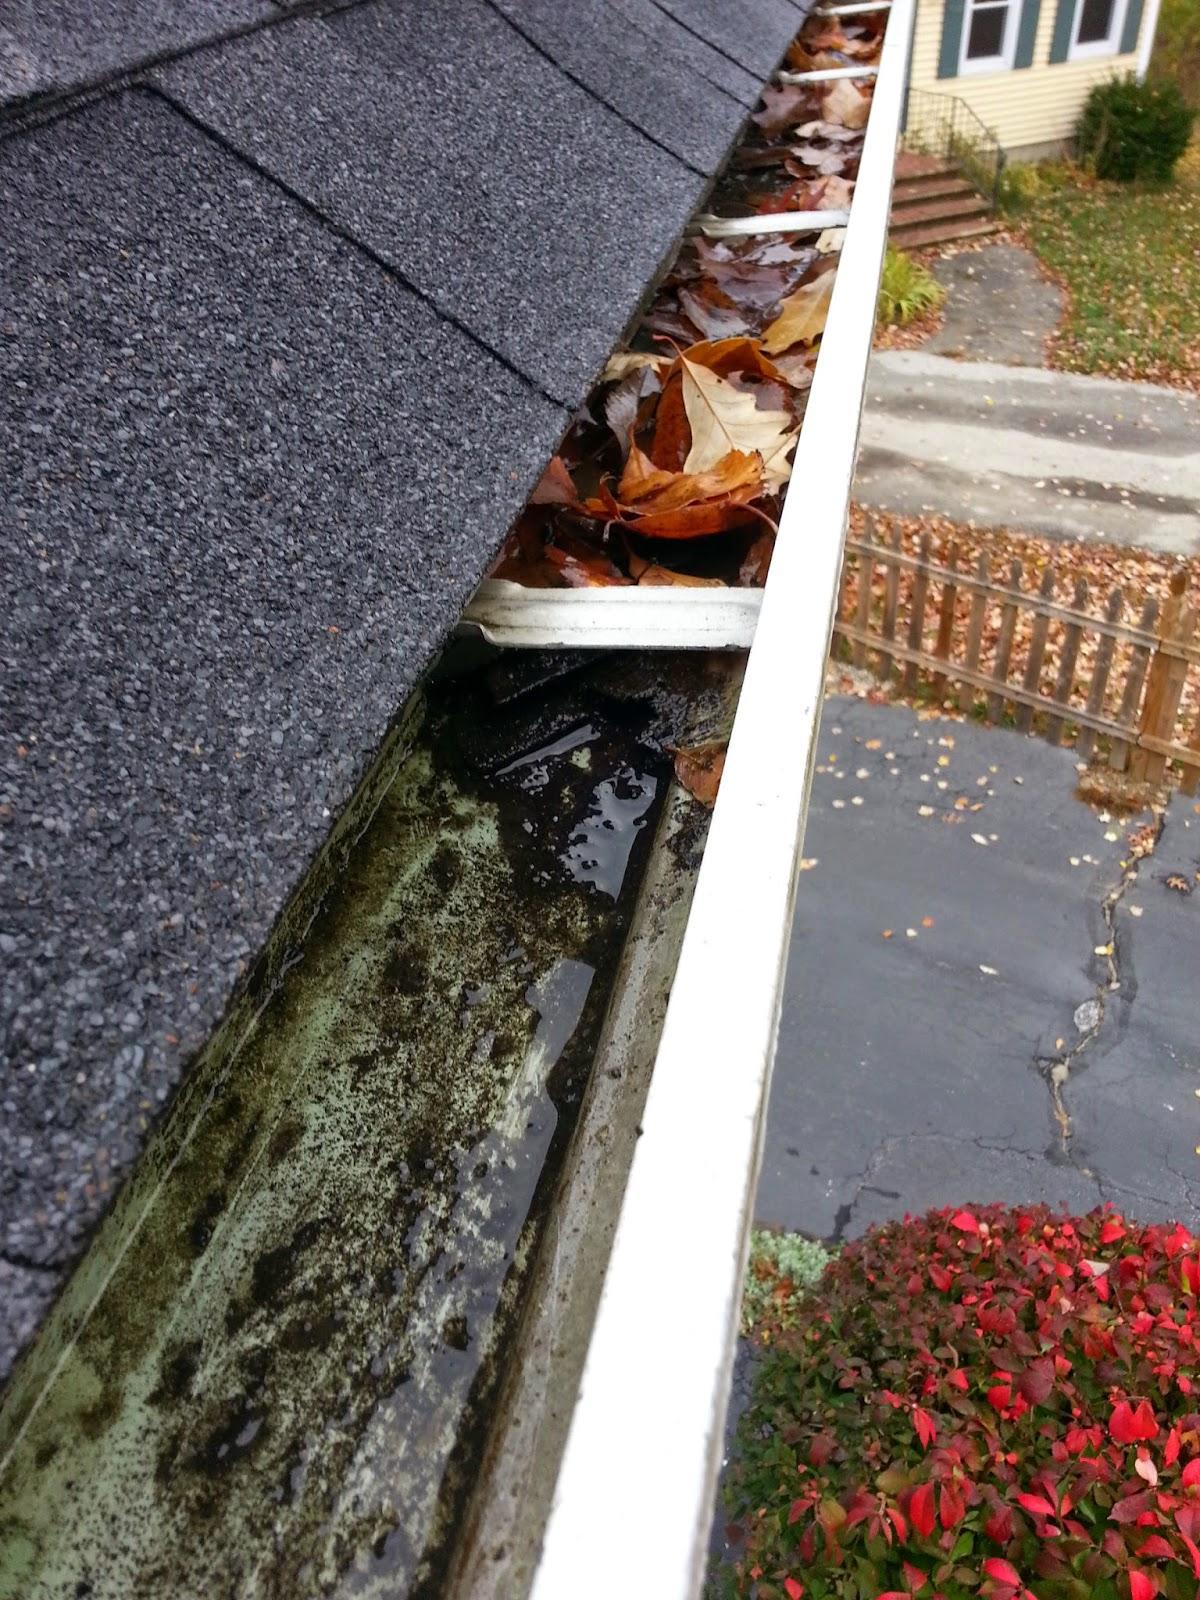 Gutter Cleaning Services Nh Hunsickerpremierhomeservices